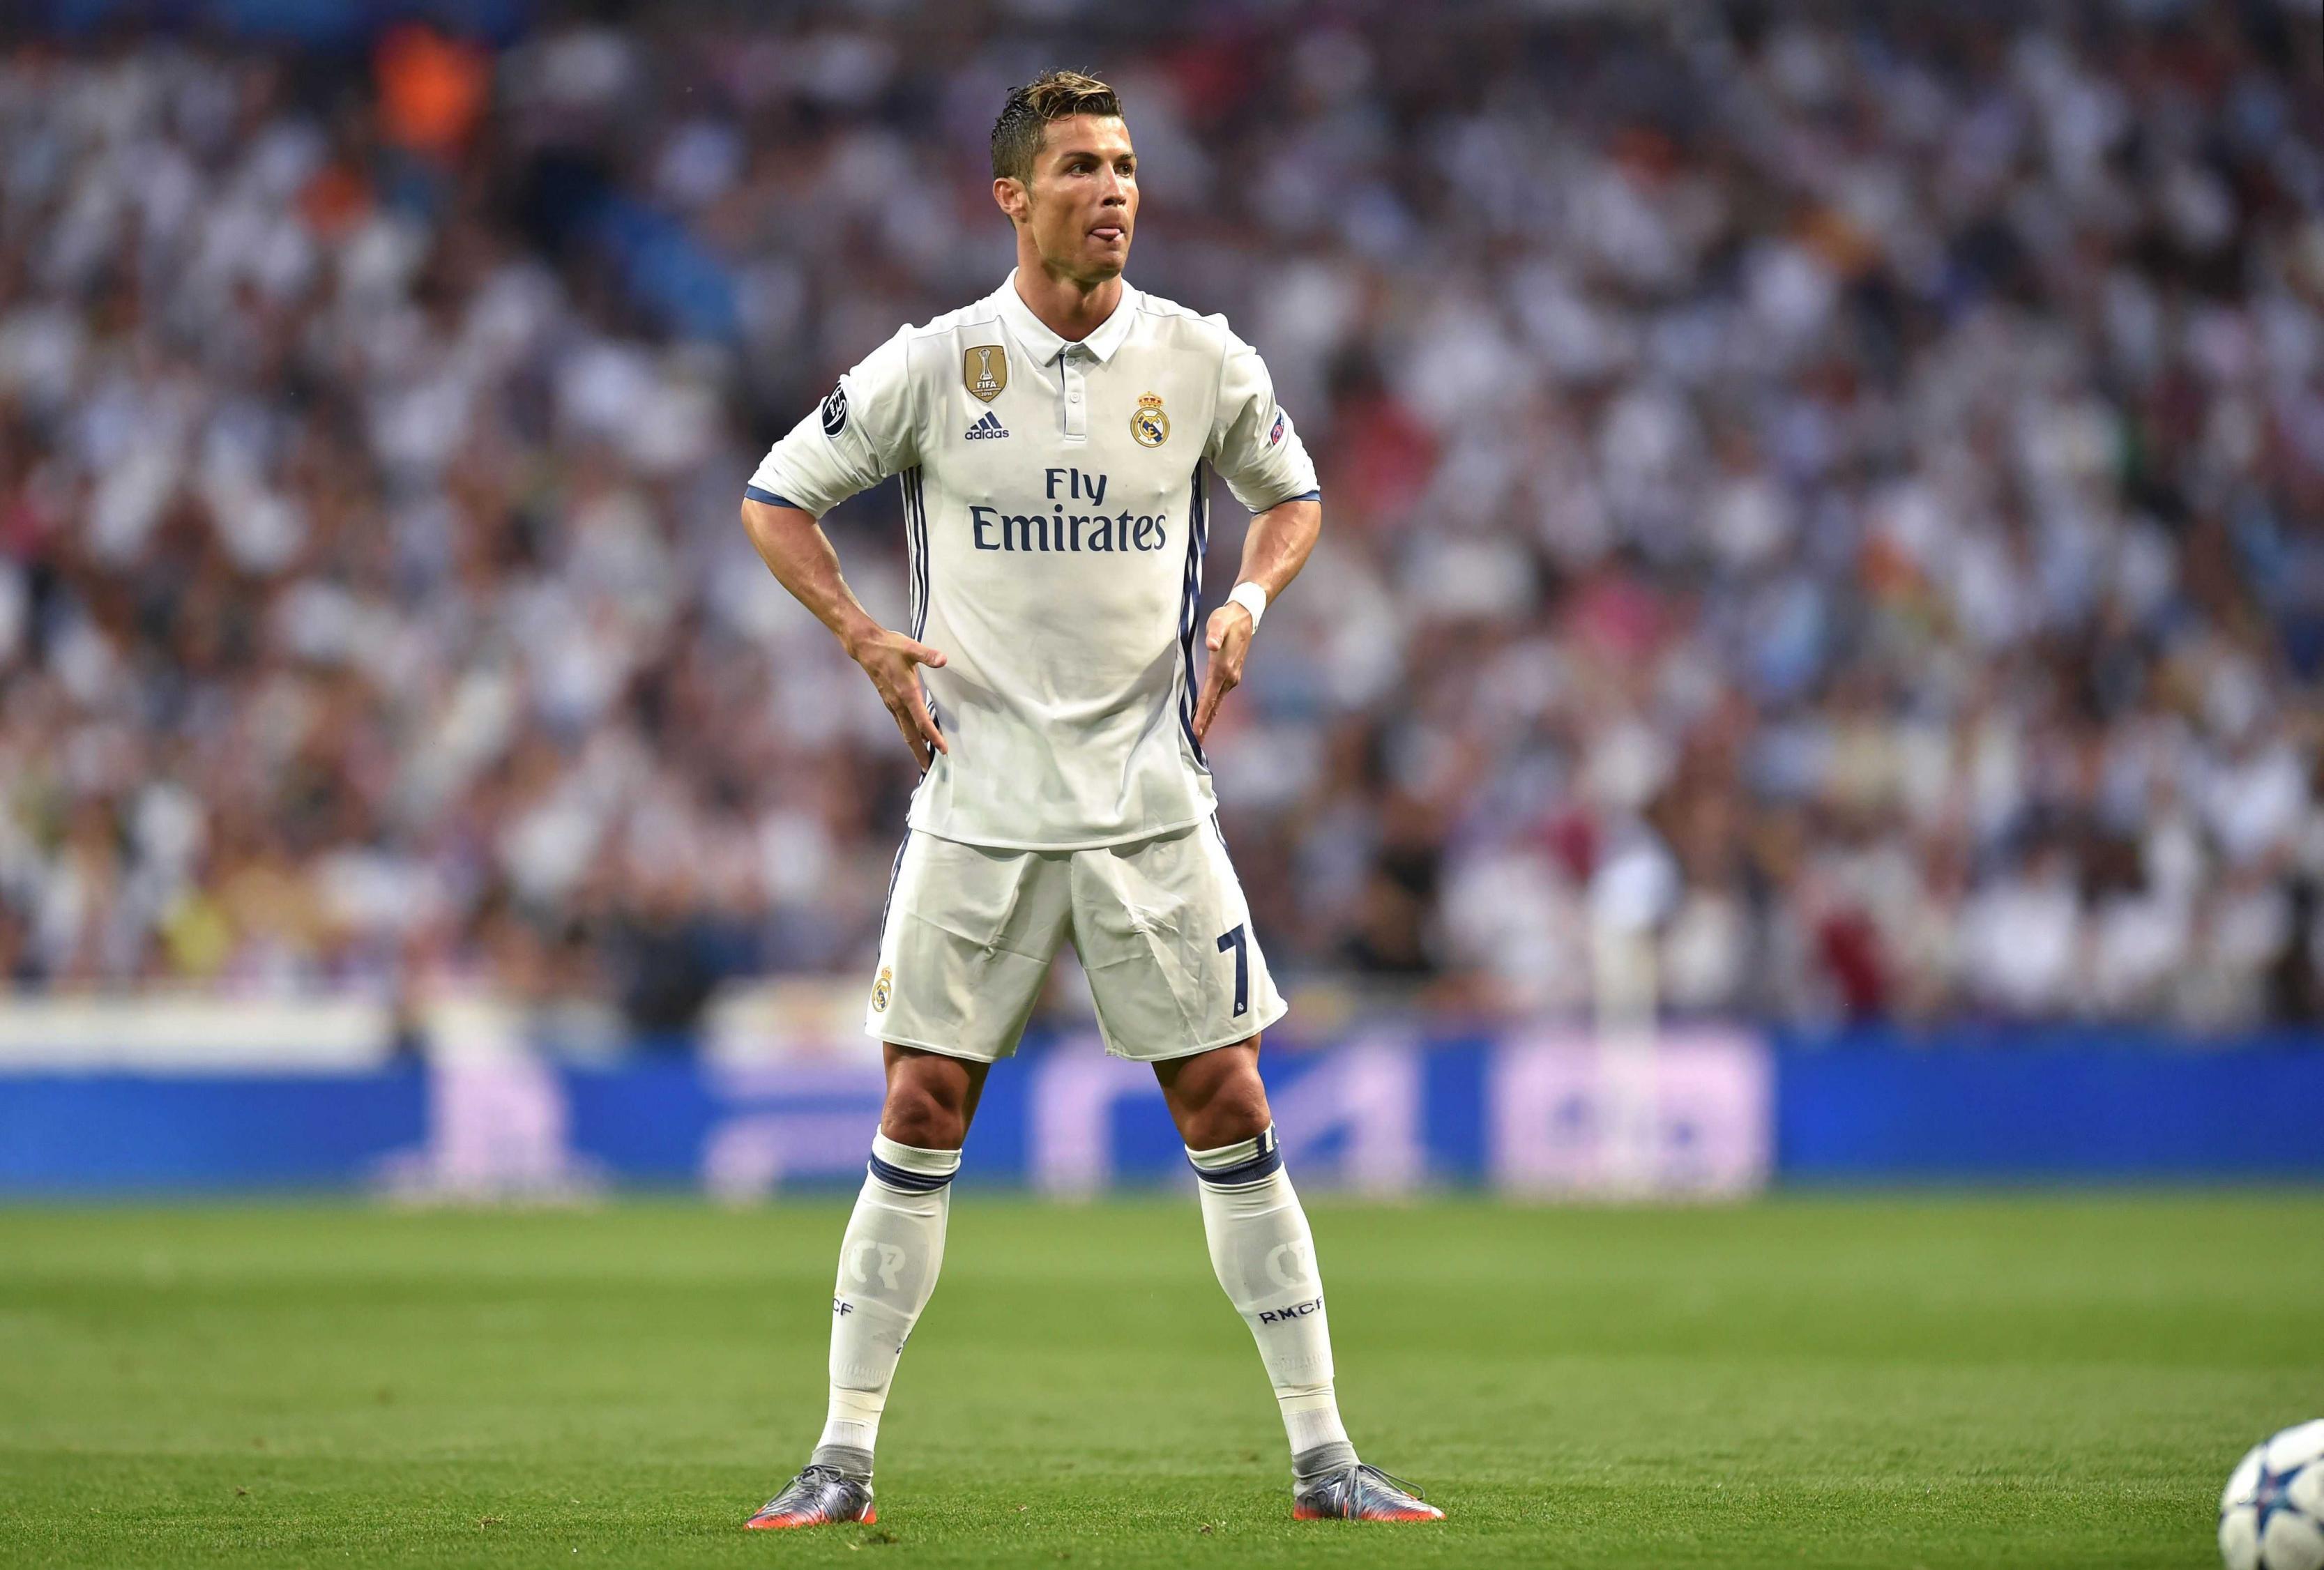 بالصور صوركرستيانو رونالدو 2019 , اجدد الصور لافضل لاعب في العالم رولاندو 4418 3